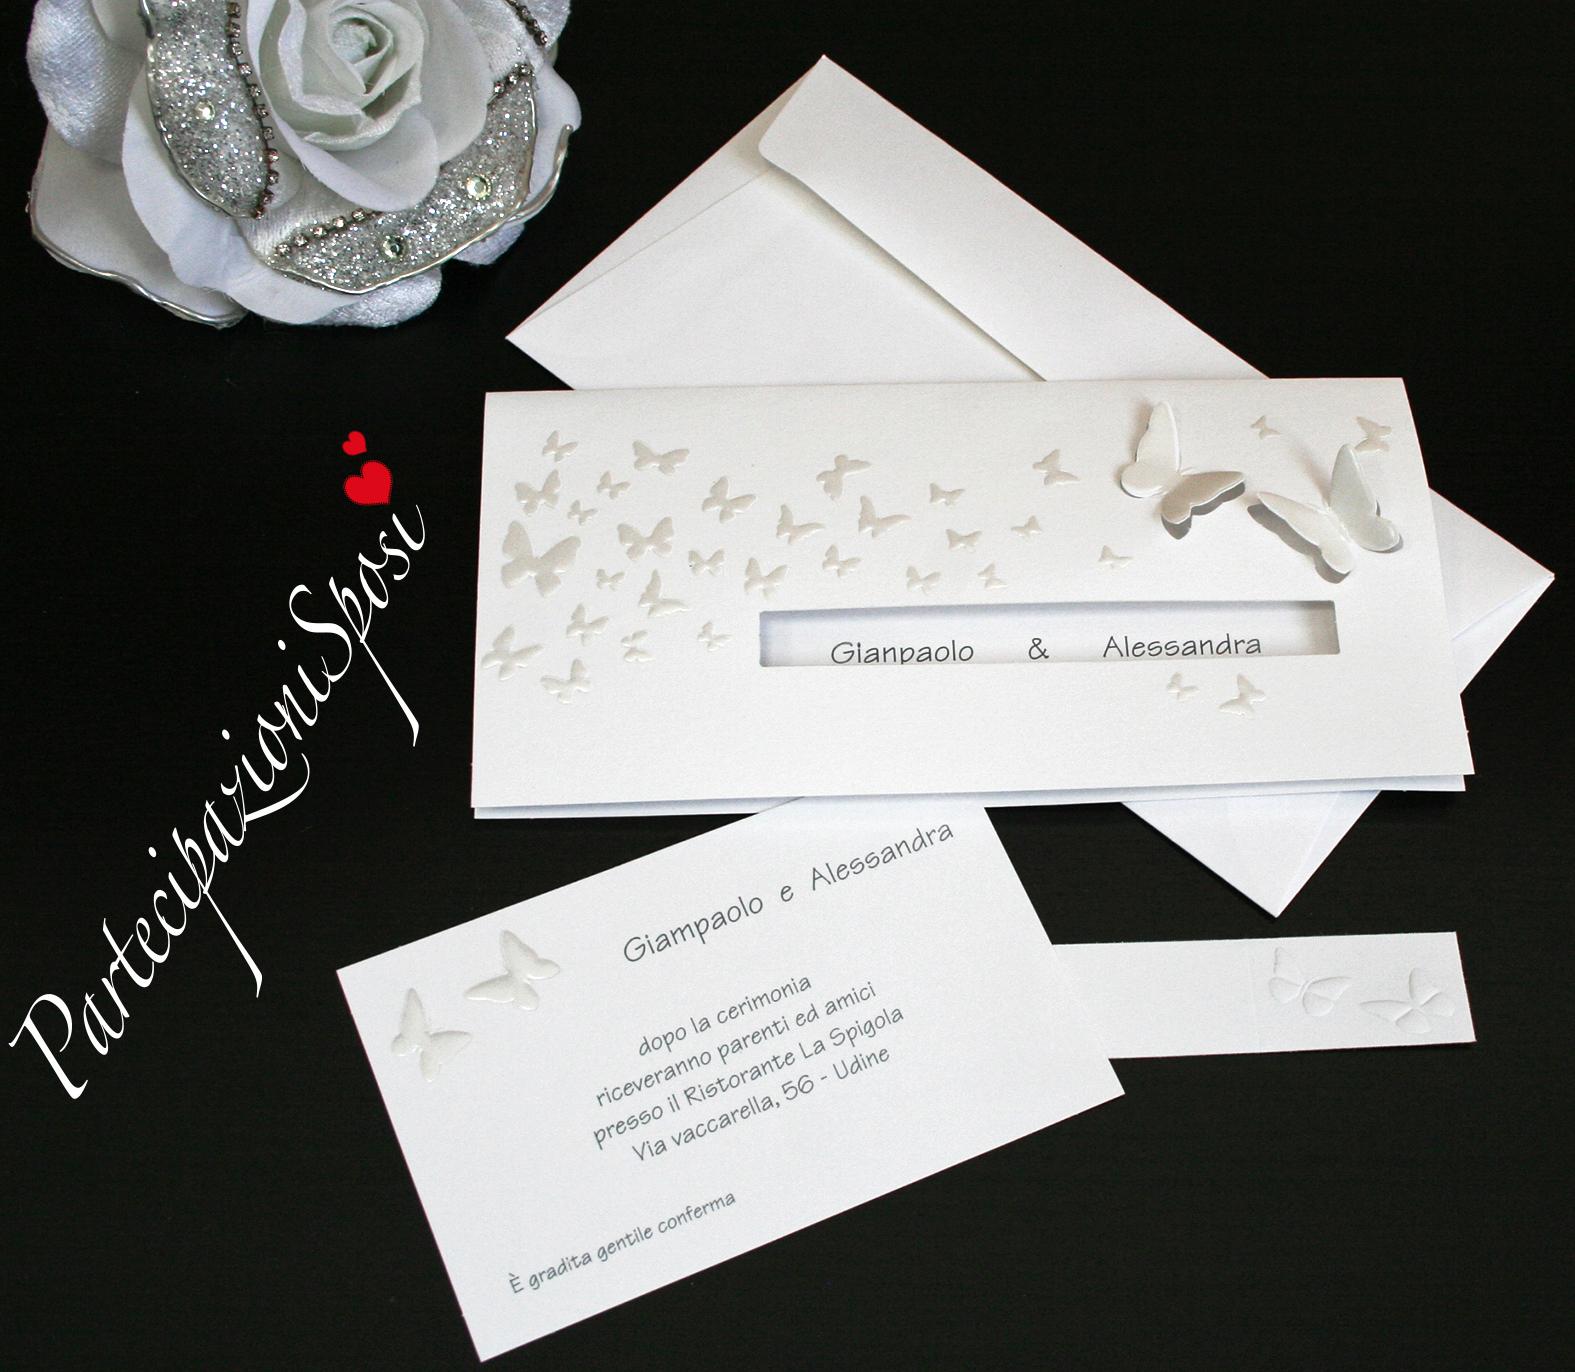 Partecipazioni Matrimonio Udine.Promo 06 Partecipazioni Sposi Stampa Partecipazioni Matrimonio